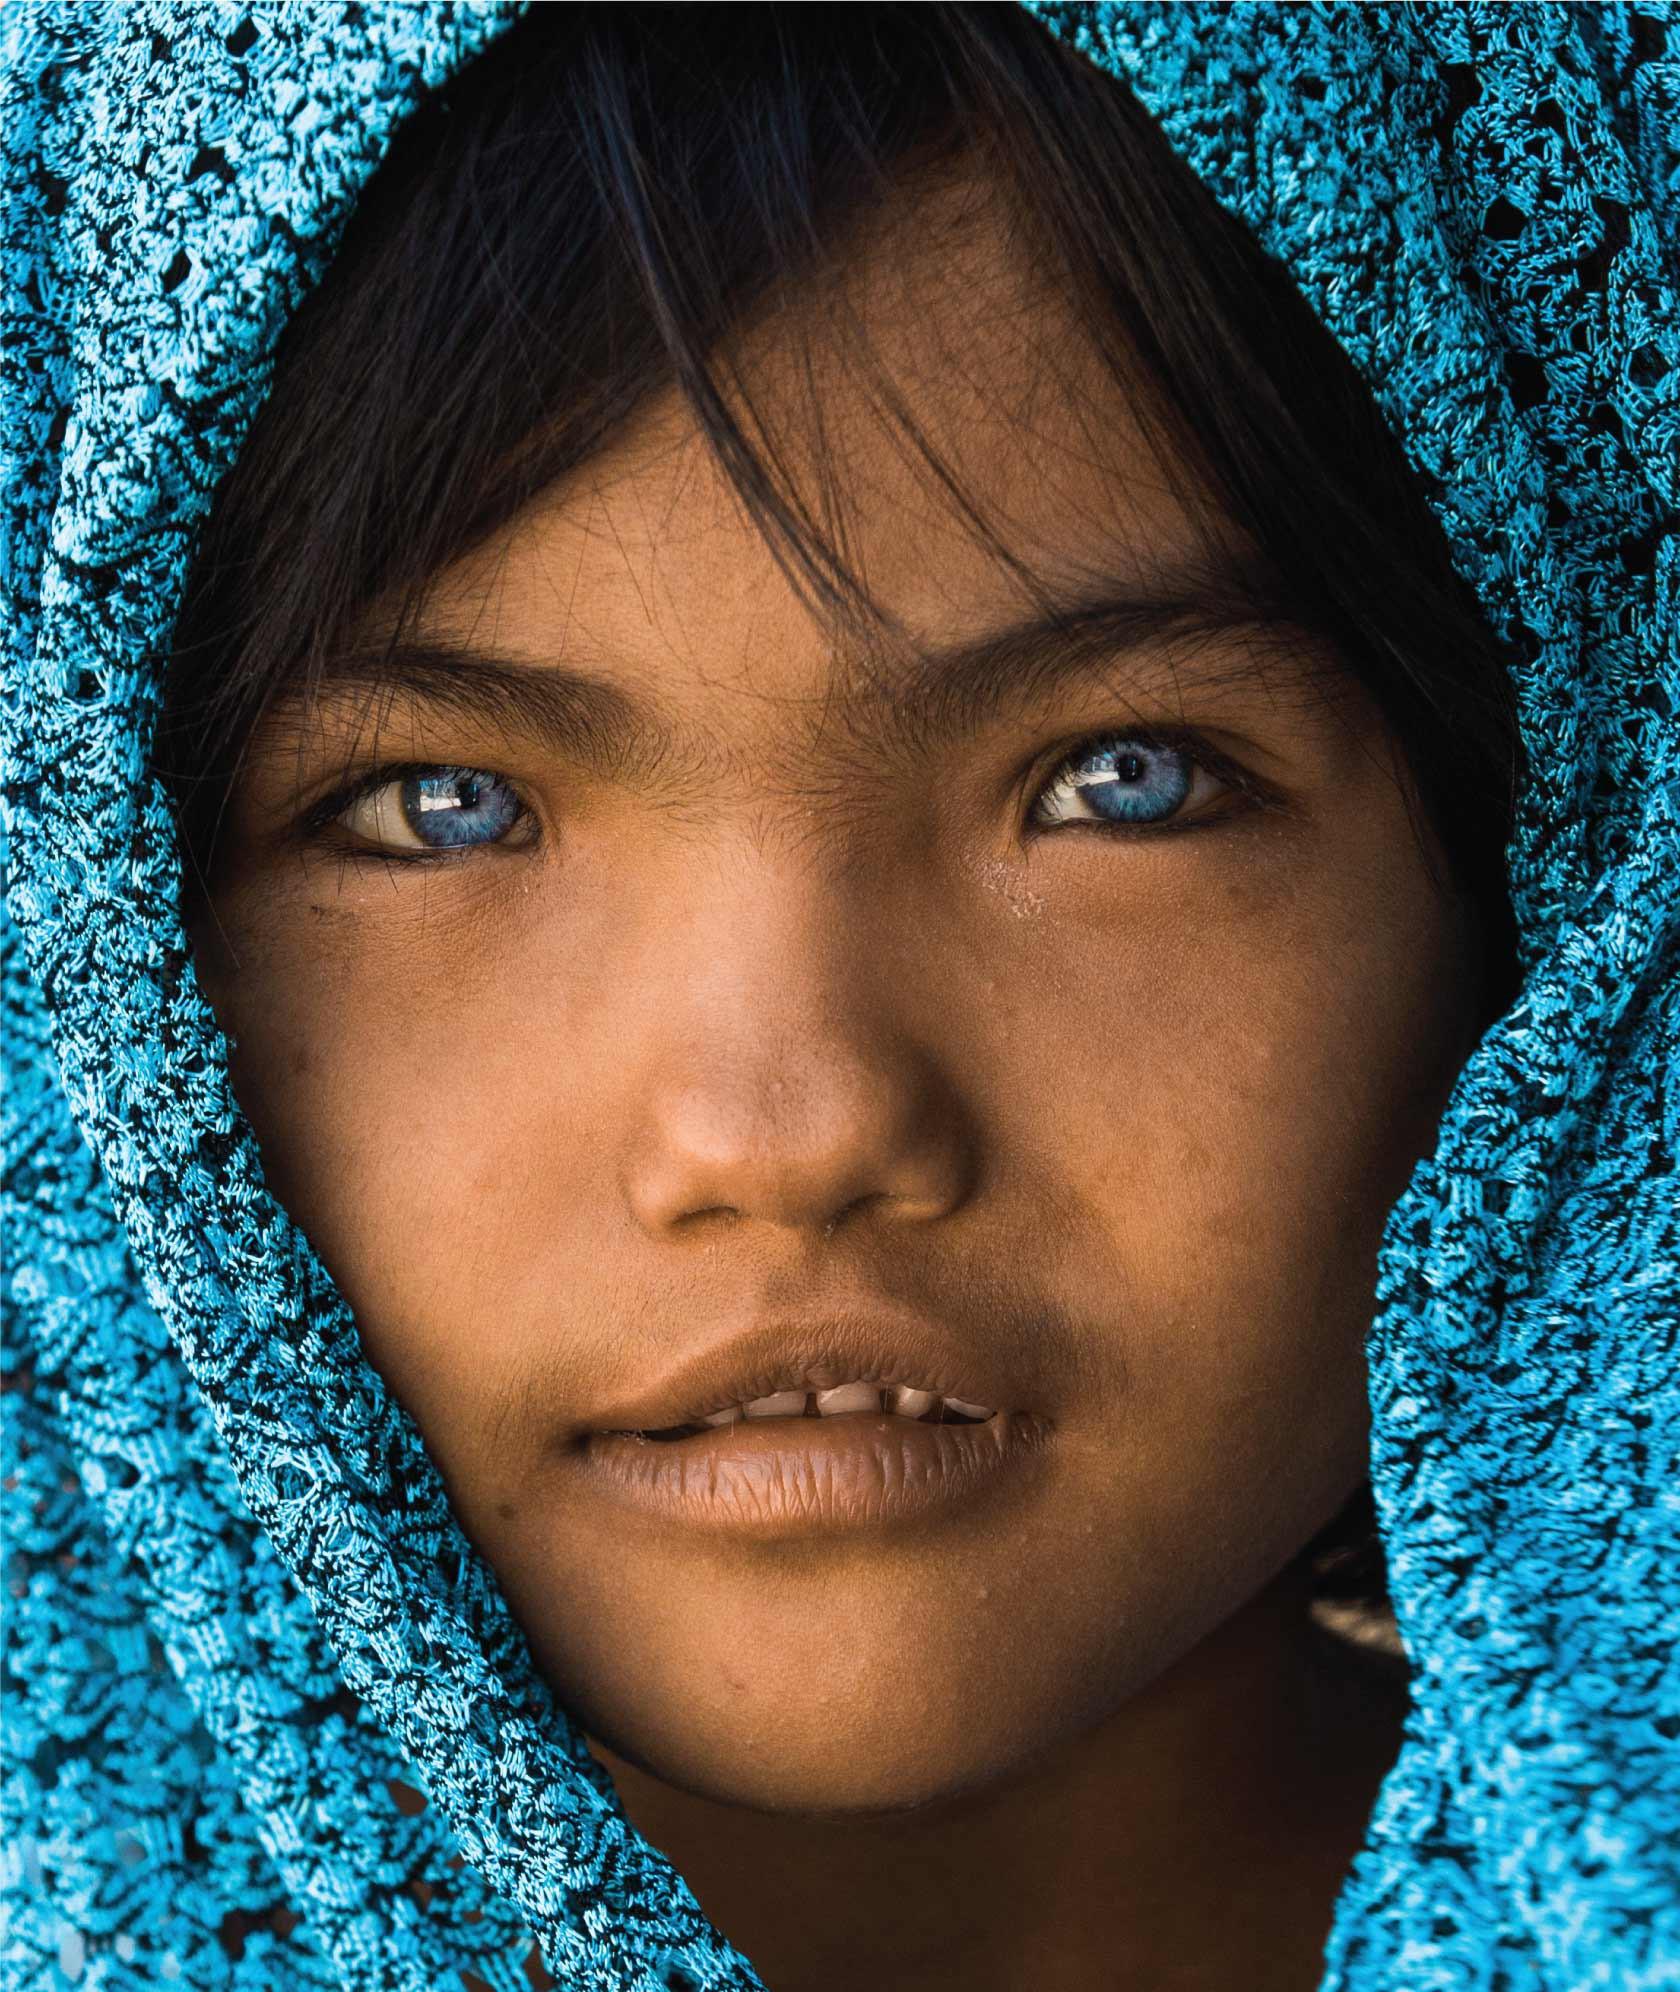 люди с сапфировыми глазами фото красивые места